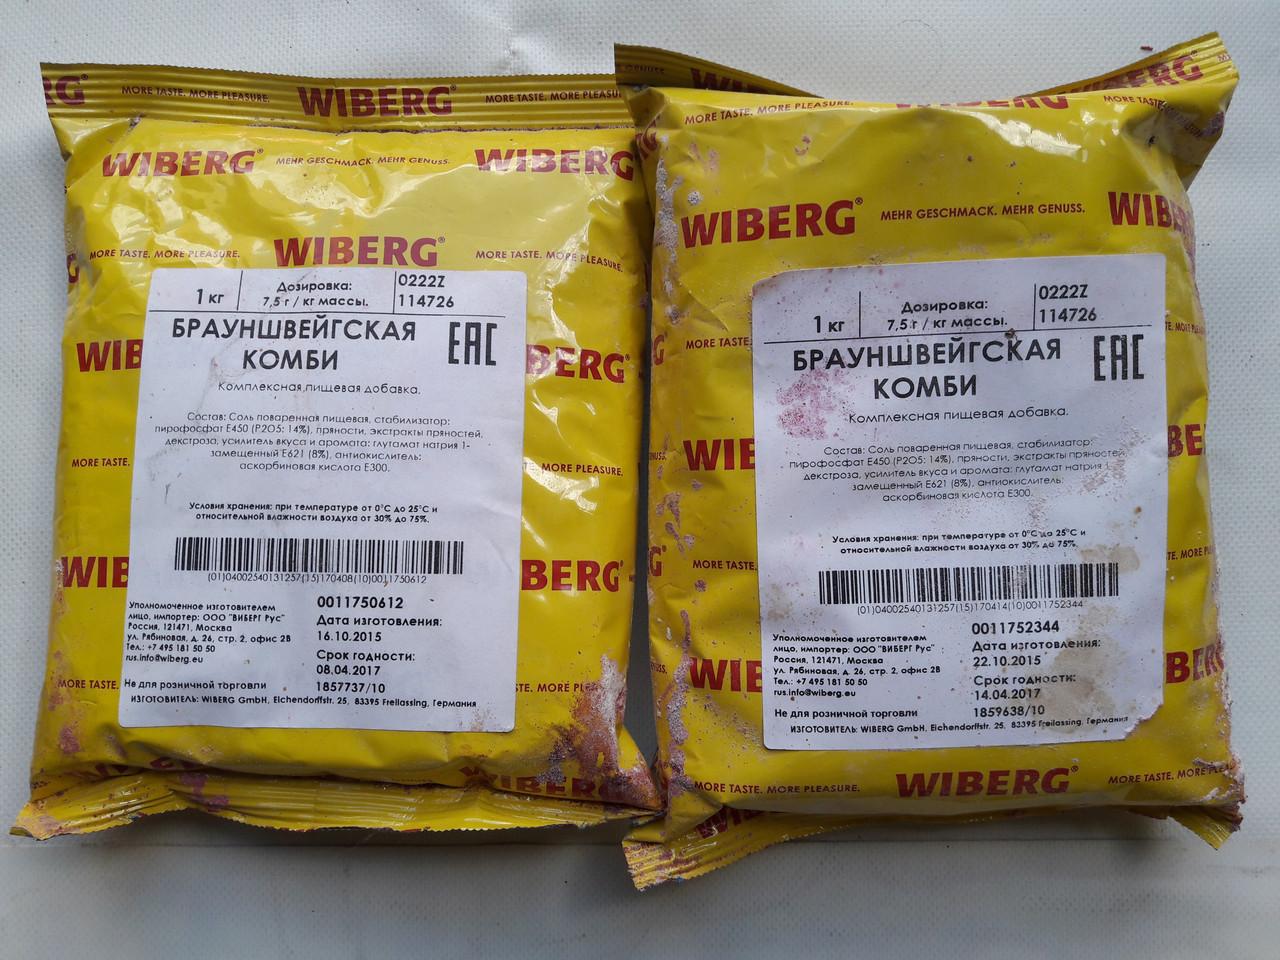 Комплексная пищевая добавка для колбасы Брауншвейская Комби